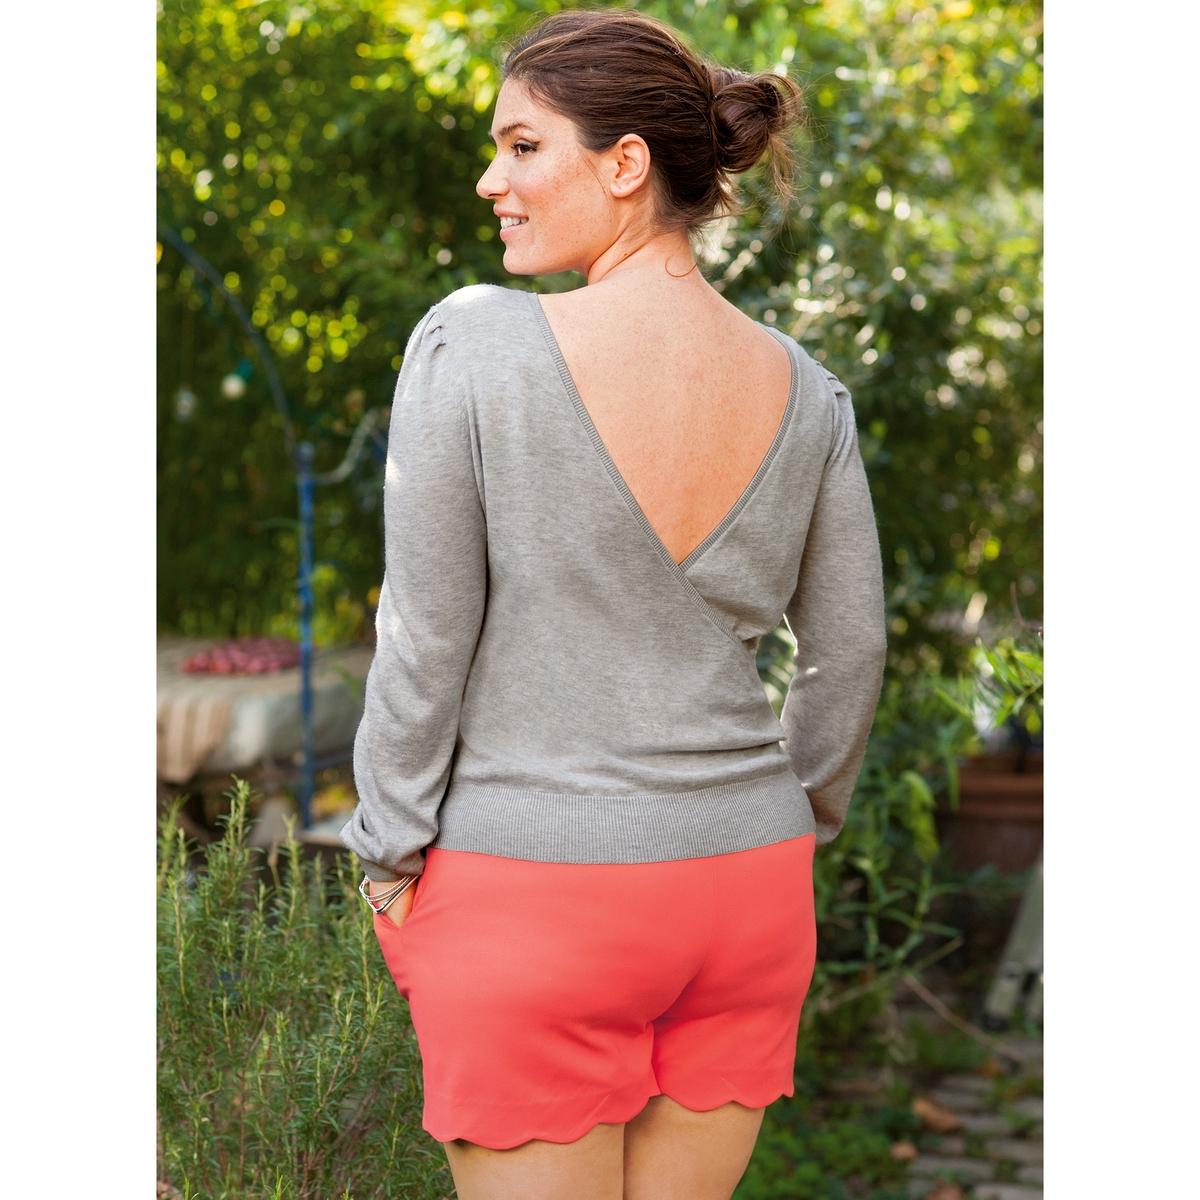 Пуловер с вырезом сзадиПуловер . Красивое декольте сзади . Закругленный вырез . Длинные, немного пышные рукава на резинке внизу  . Сборки на плечах . Трикотаж 60% вискозы, 40% хлопка . Длина 61 см.<br><br>Цвет: серый меланж<br>Размер: 54/56 (FR) - 60/62 (RUS)